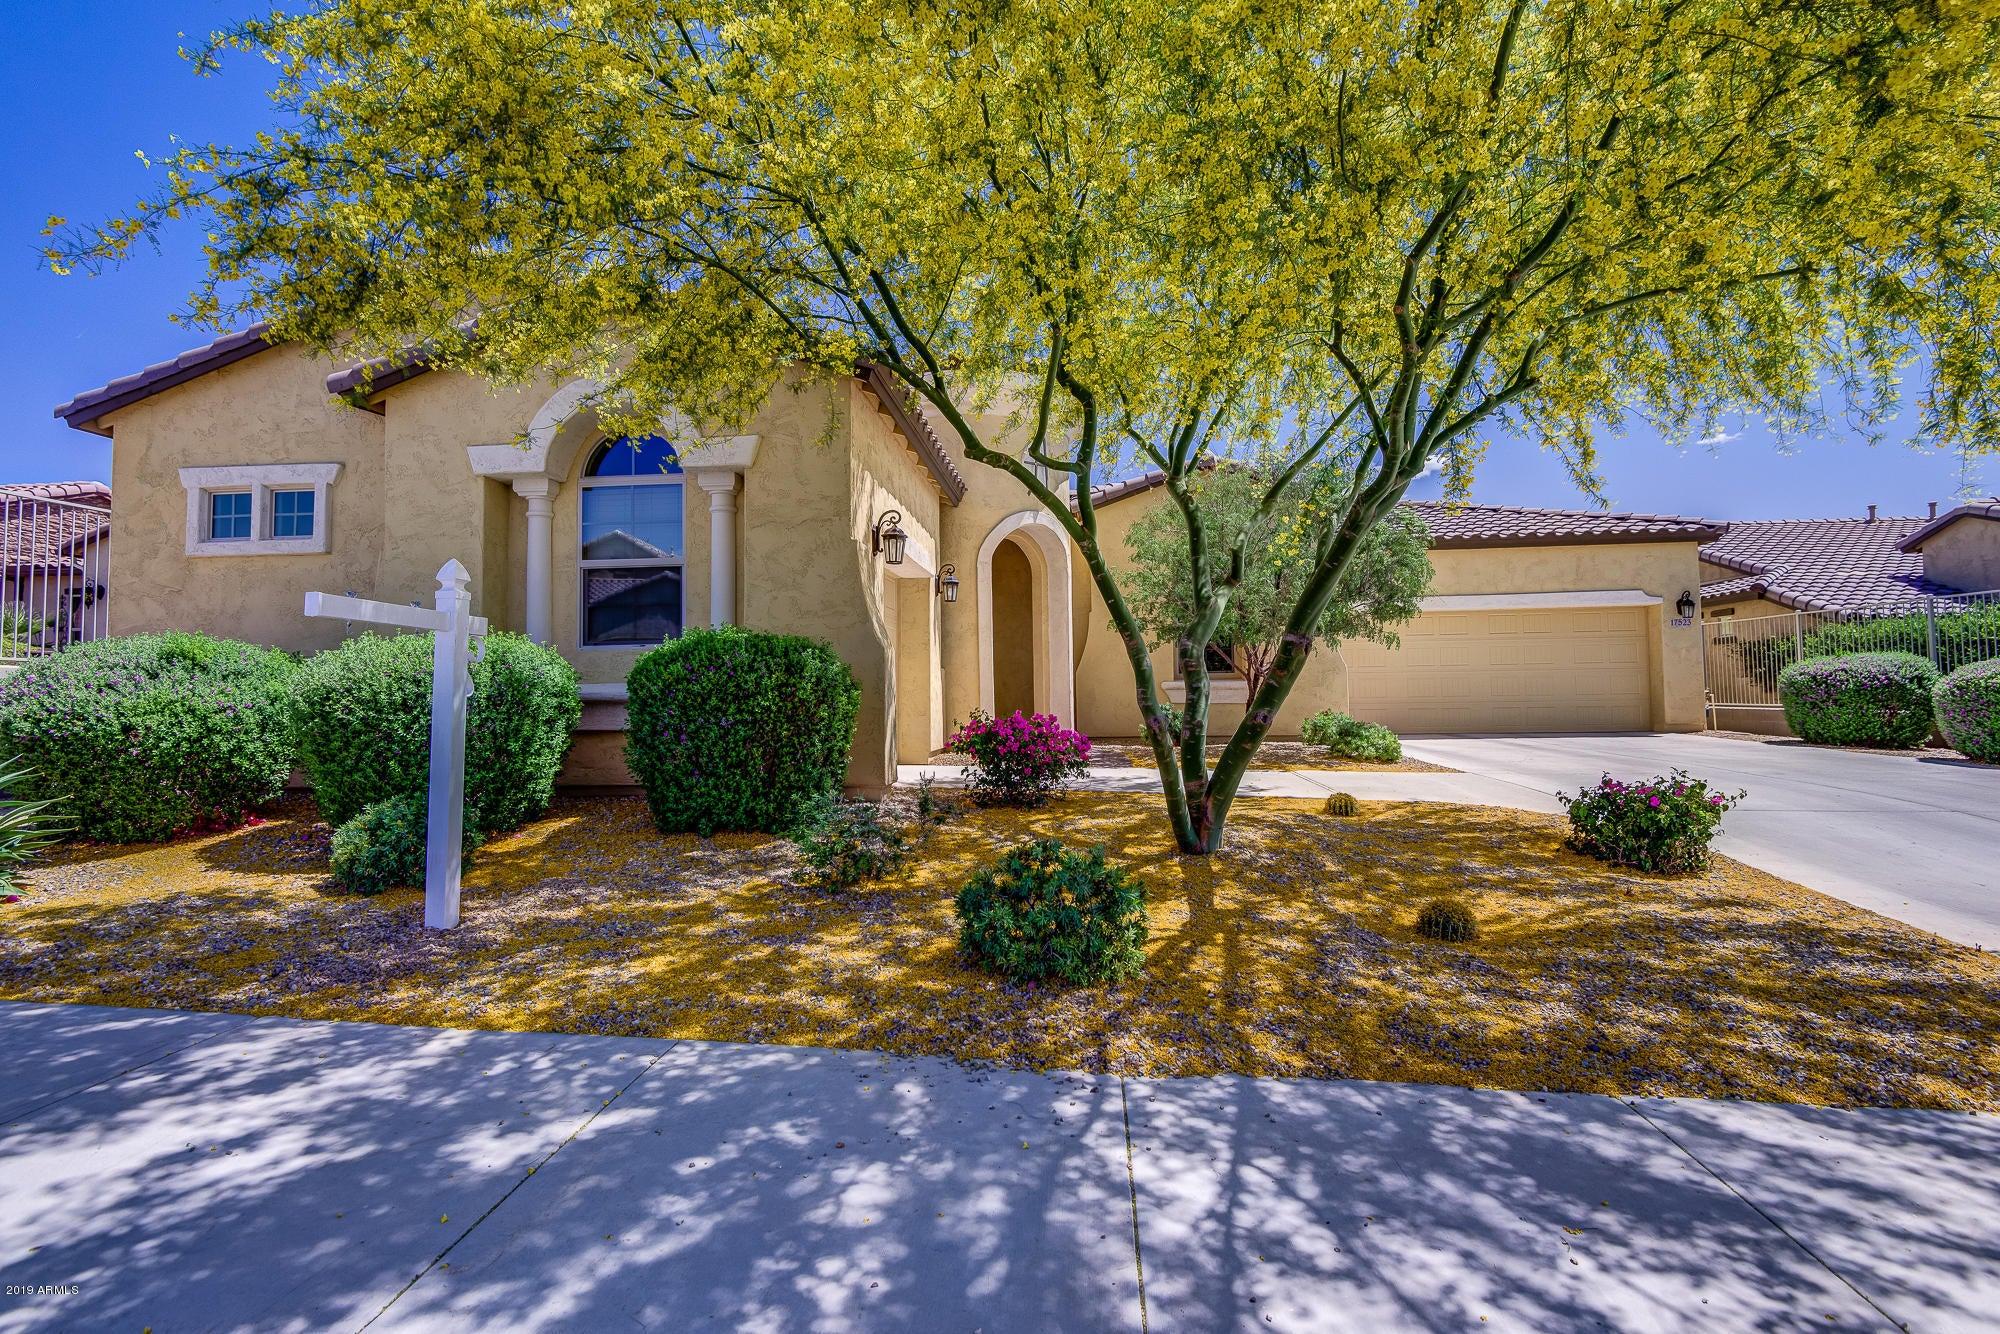 17523 W LIBERTY Lane, Goodyear, AZ 85338